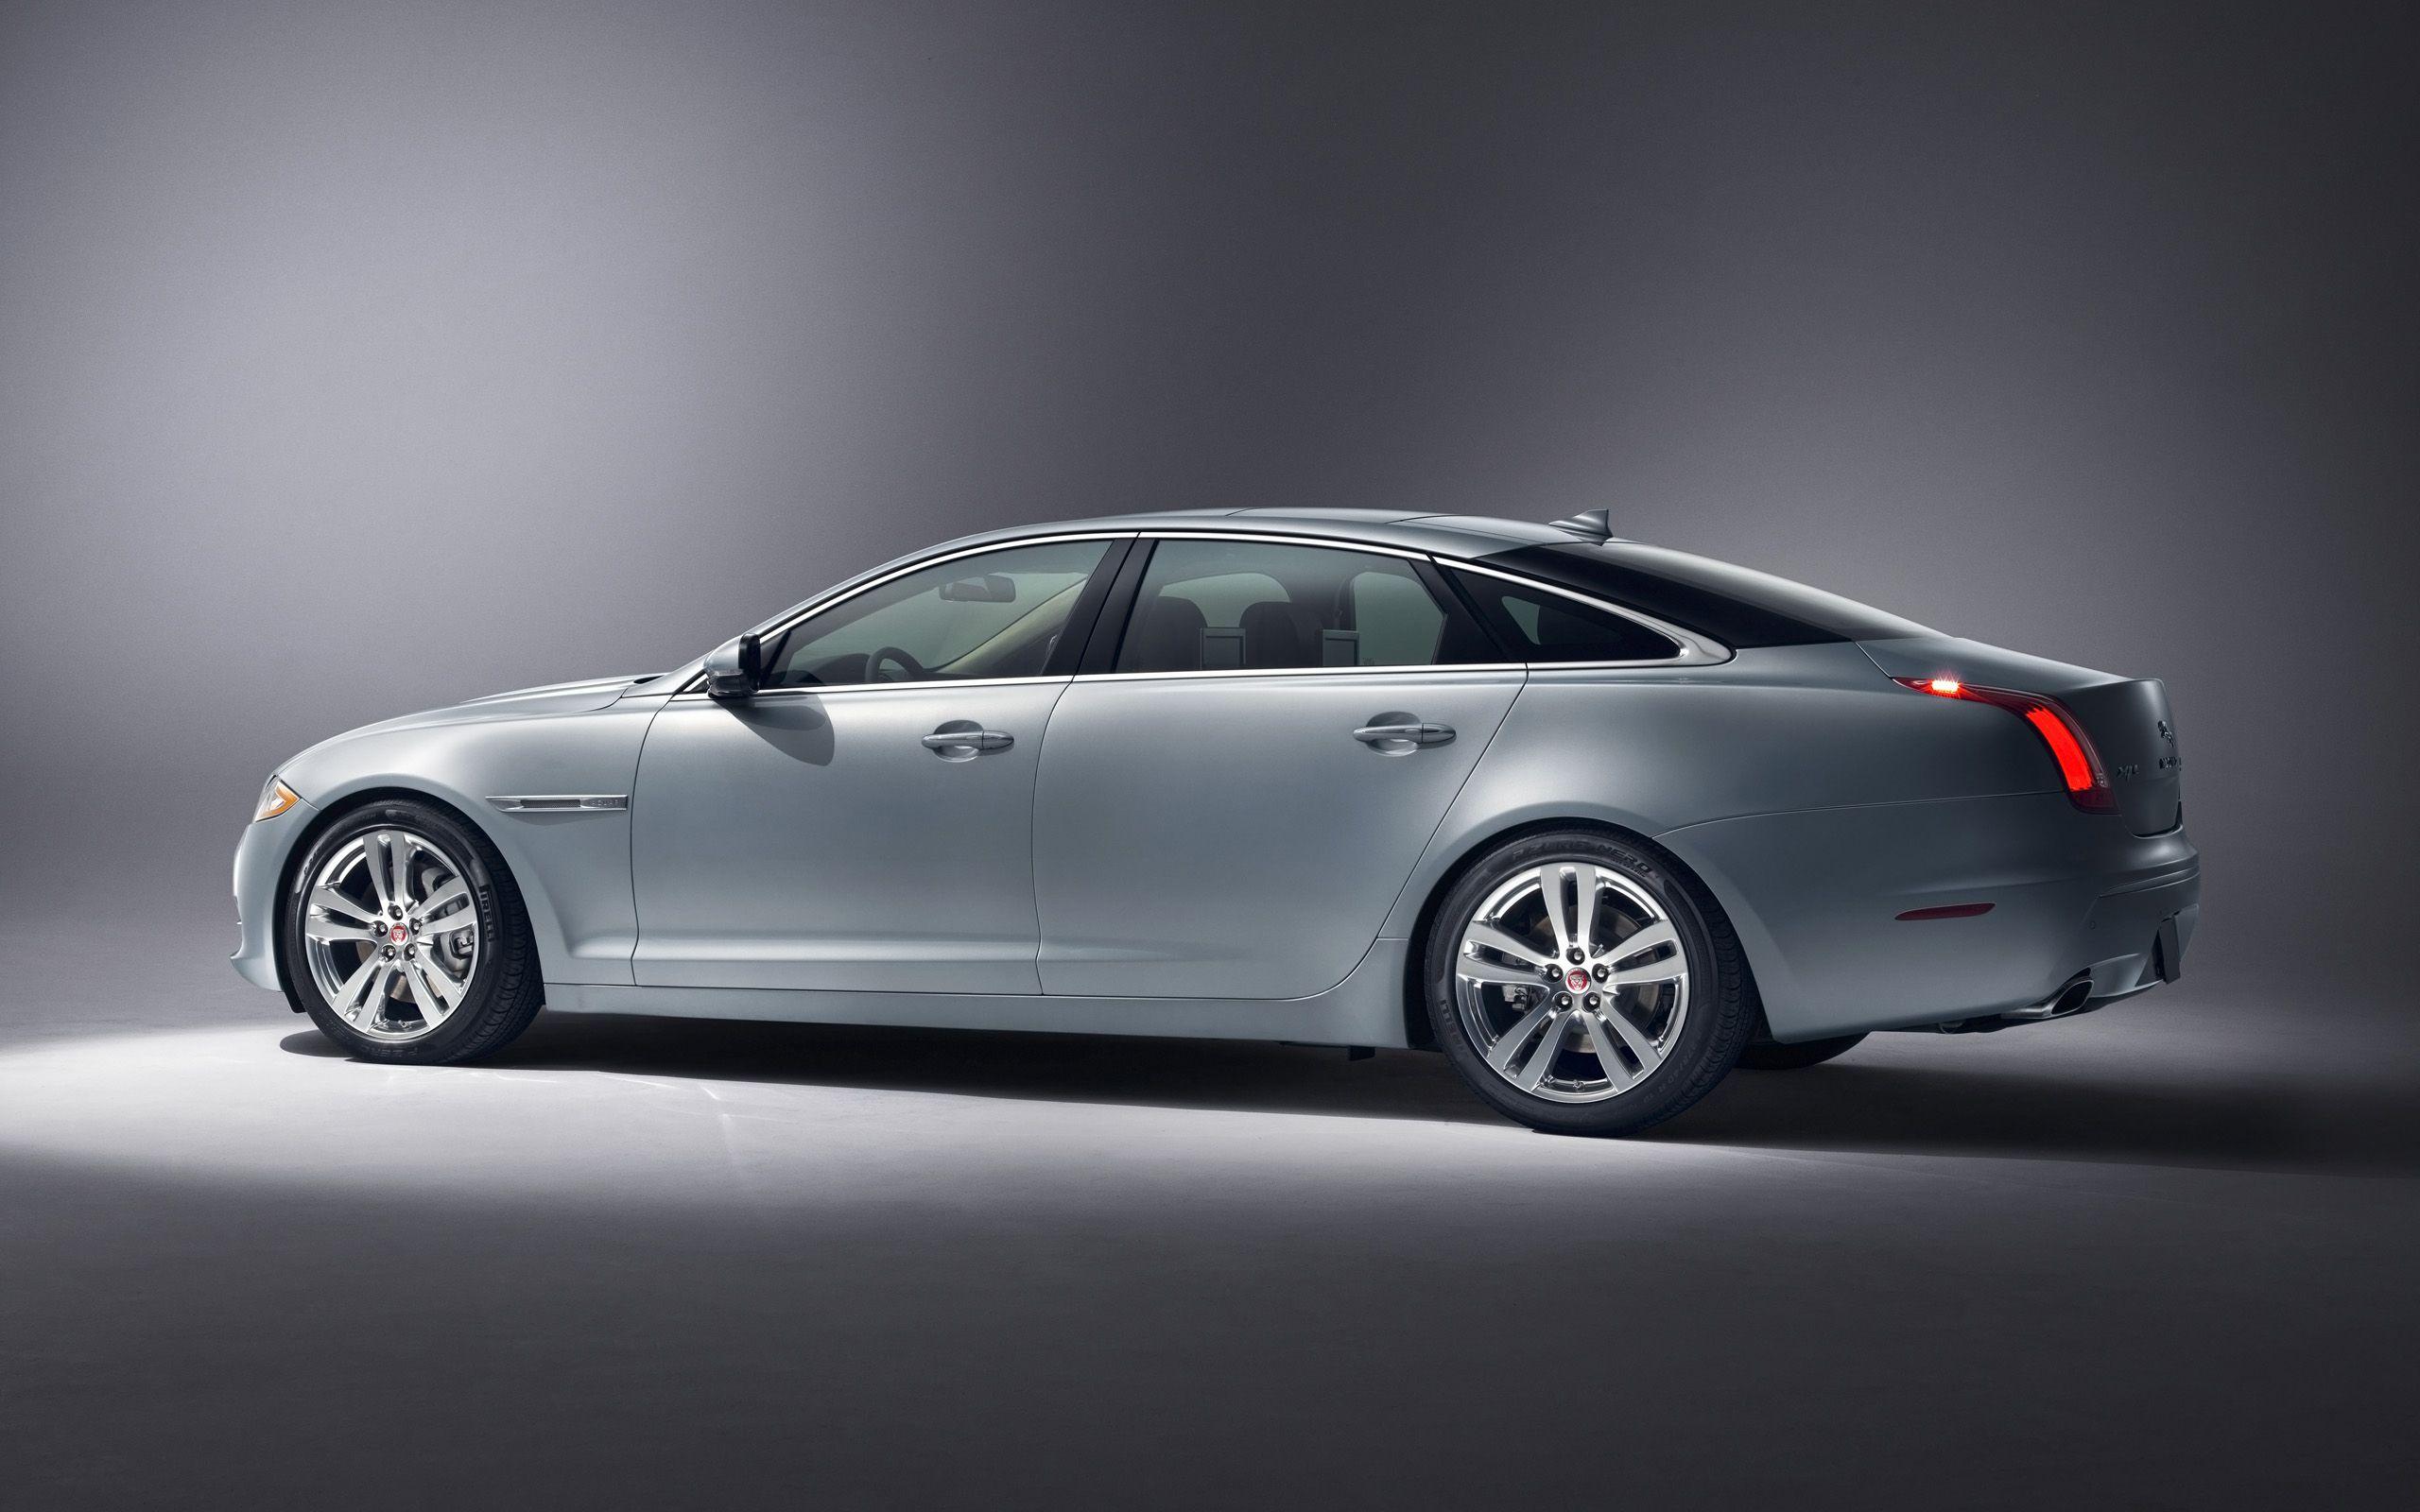 sedan prestige jaguar sydney vehicle luxury city xf